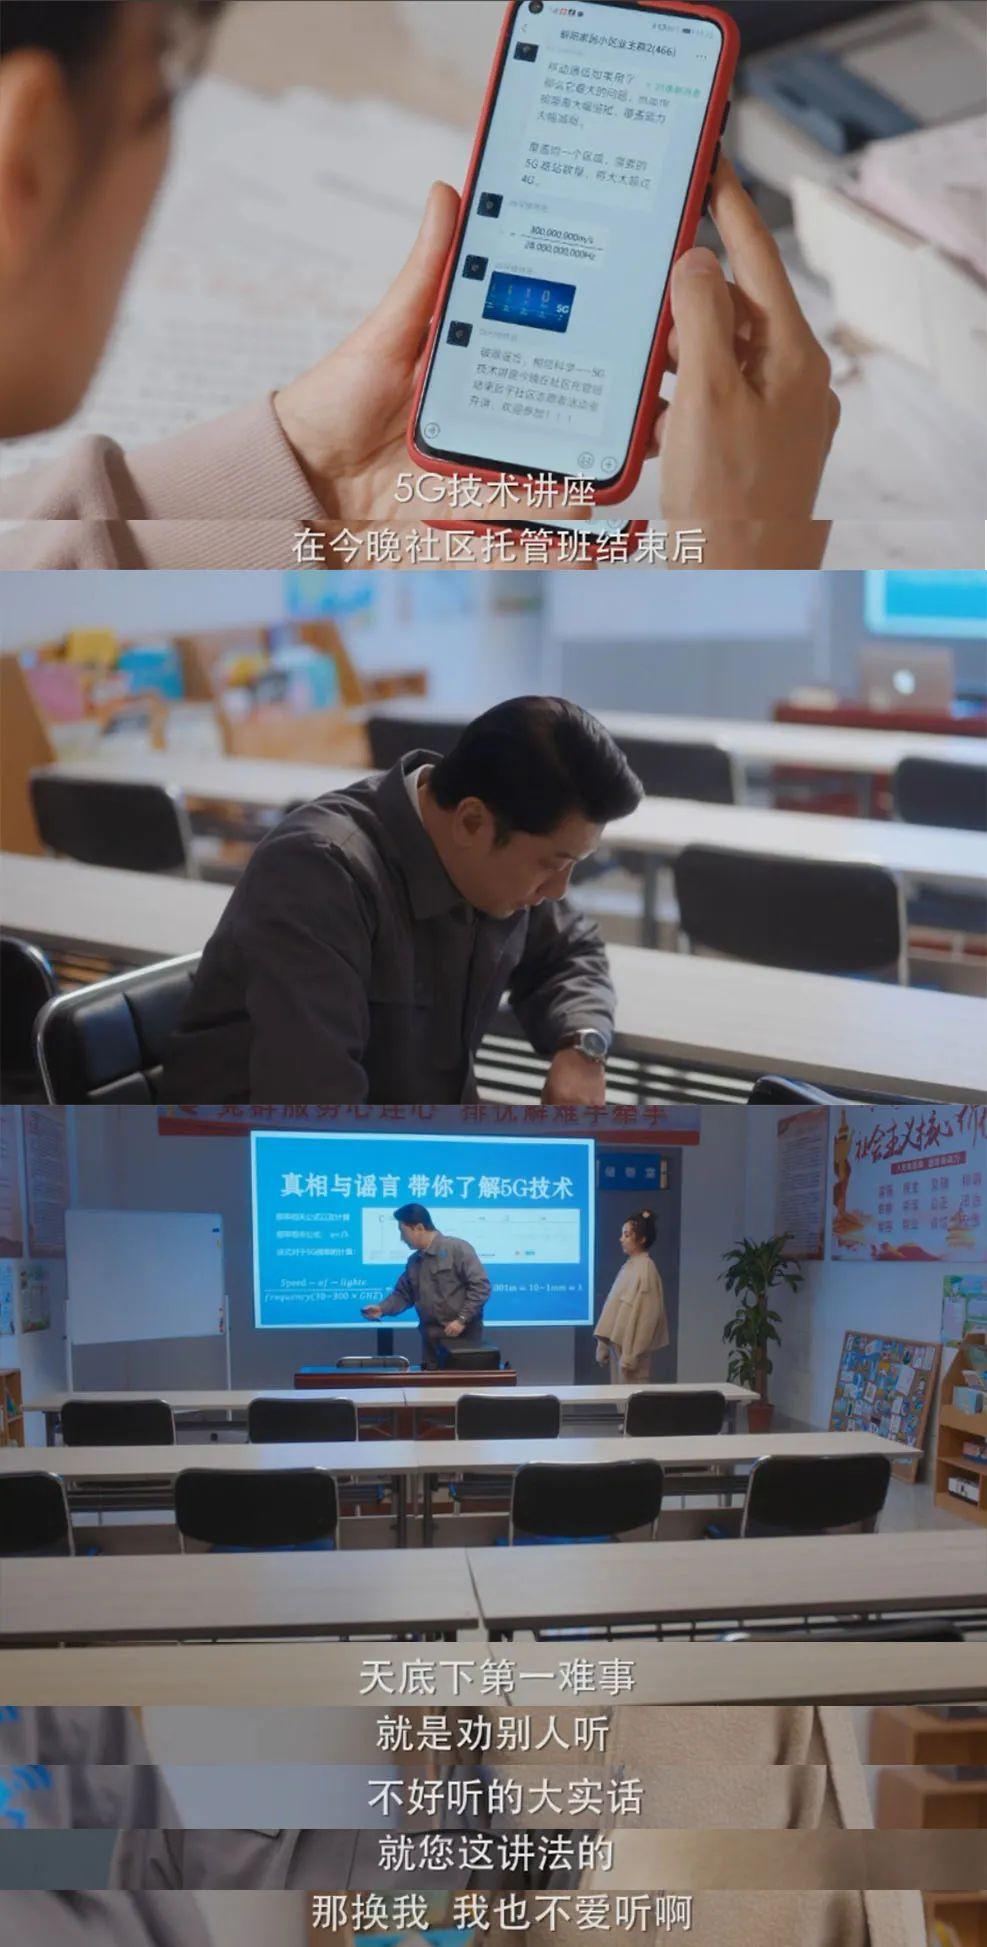 《我们的新时代》田雨5G硬核讲座无人问津,王晓晨暖心安慰